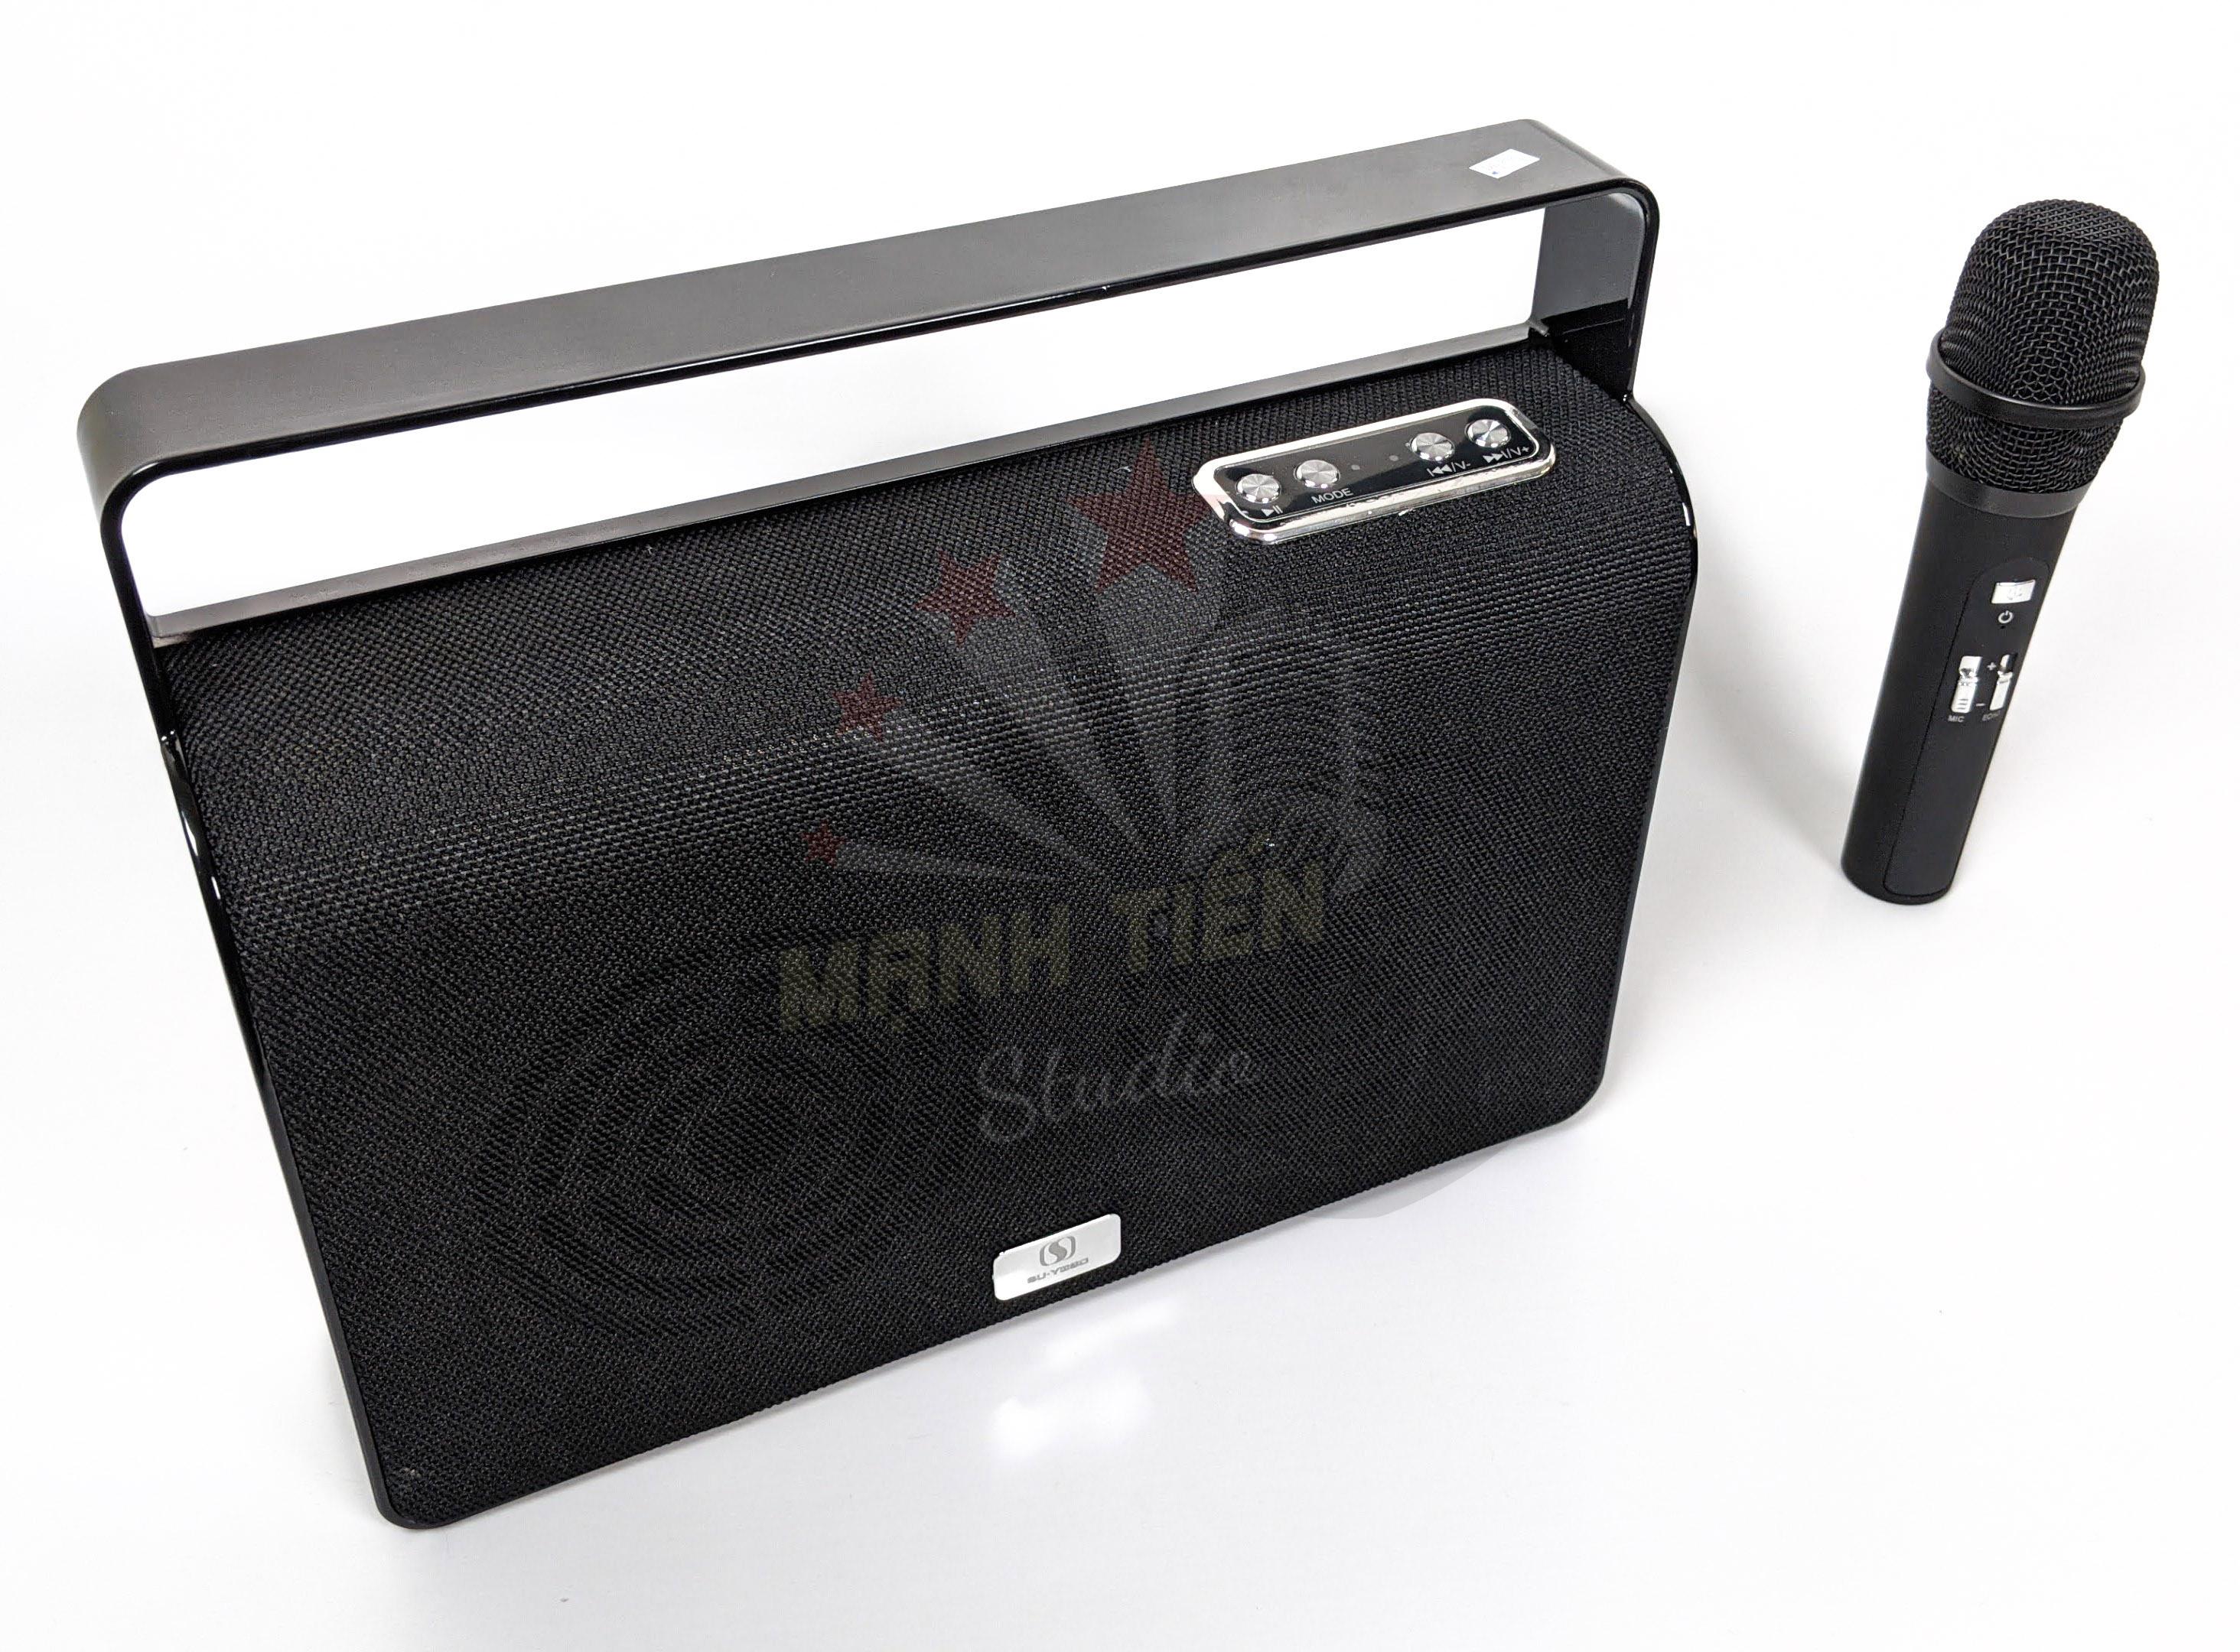 Loa karaoke bluetooth A36 - Loa xách tay thời trang độc lạ - Tặng kèm 1 micro không dây - nghe nhạc, karaoke cực chất - Giao màu ngẫu nhiên